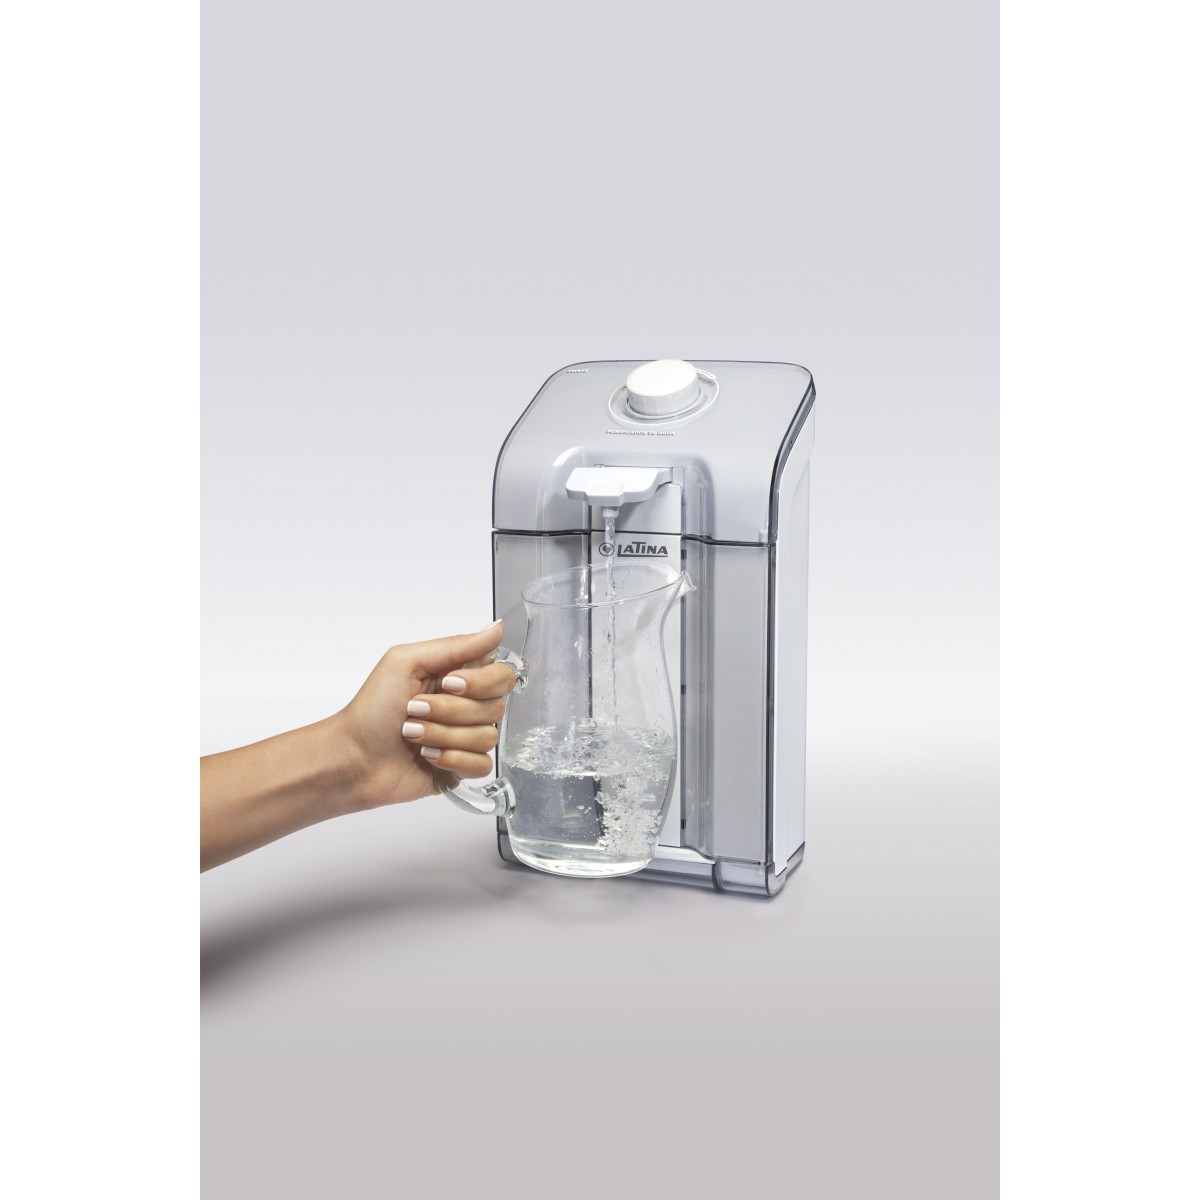 Purificador de Água Latina Pn535 Fumê Claro  - ShopNoroeste.com.br